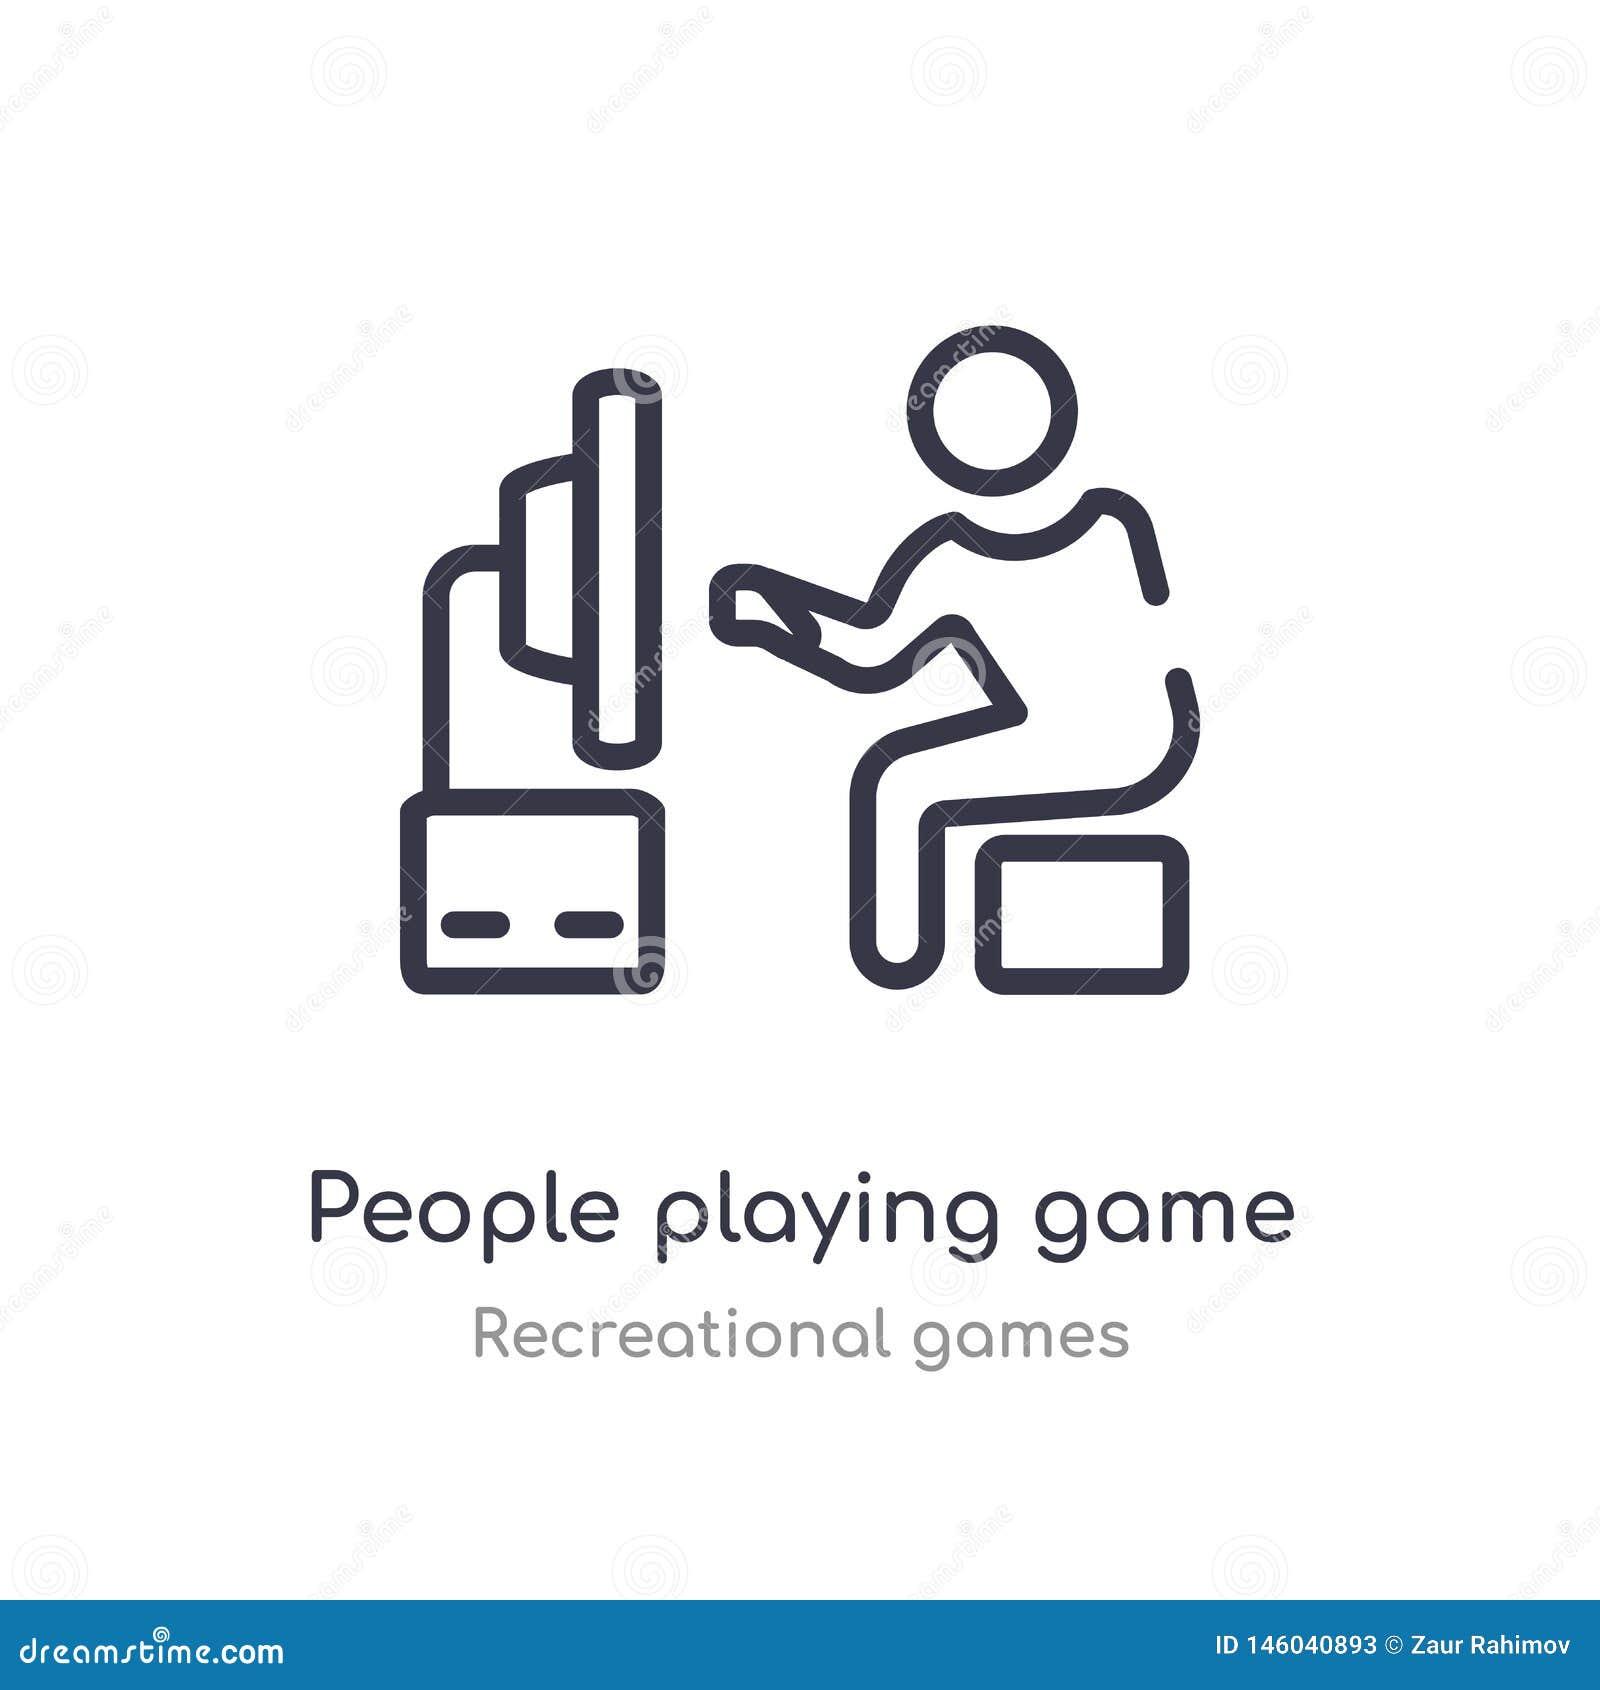 άνθρωποι που παίζουν το εικονίδιο περιλήψεων παιχνιδιών απομονωμένη διανυσματική απεικόνιση γραμμών από την ψυχαγωγική συλλογή πα